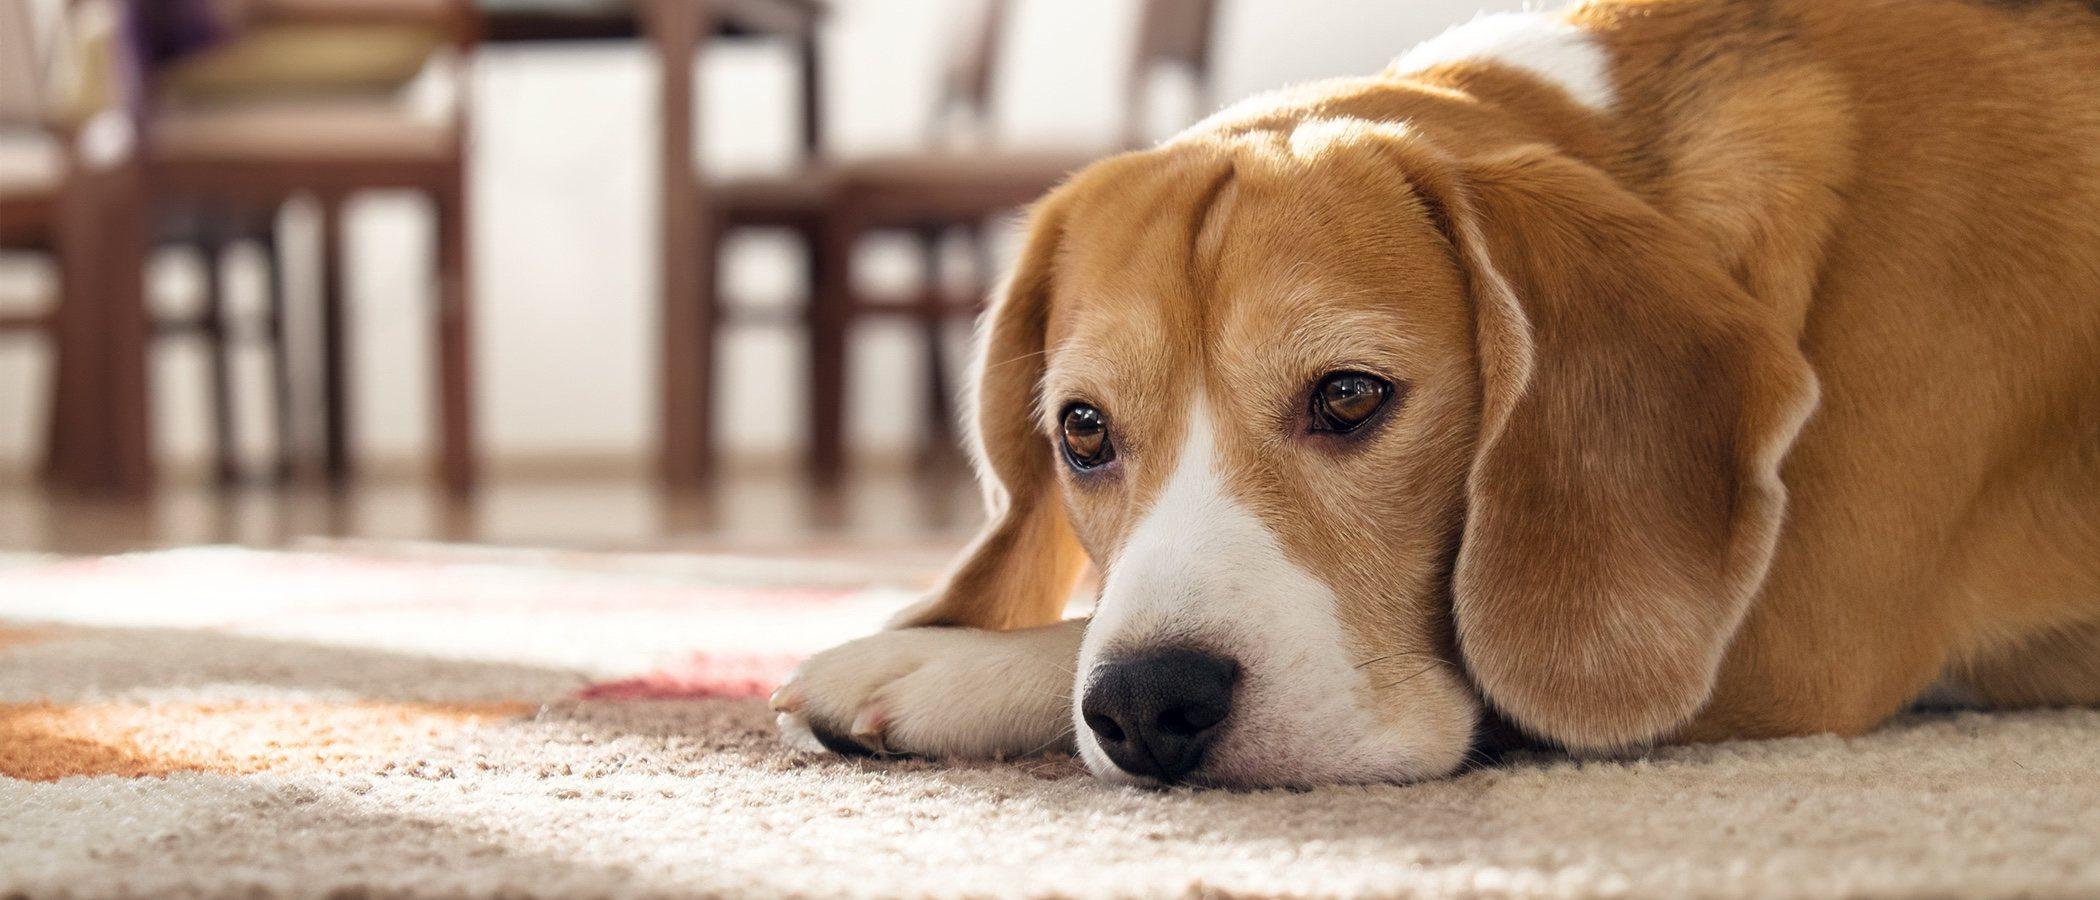 Anemia en perros: síntomas y alimentación